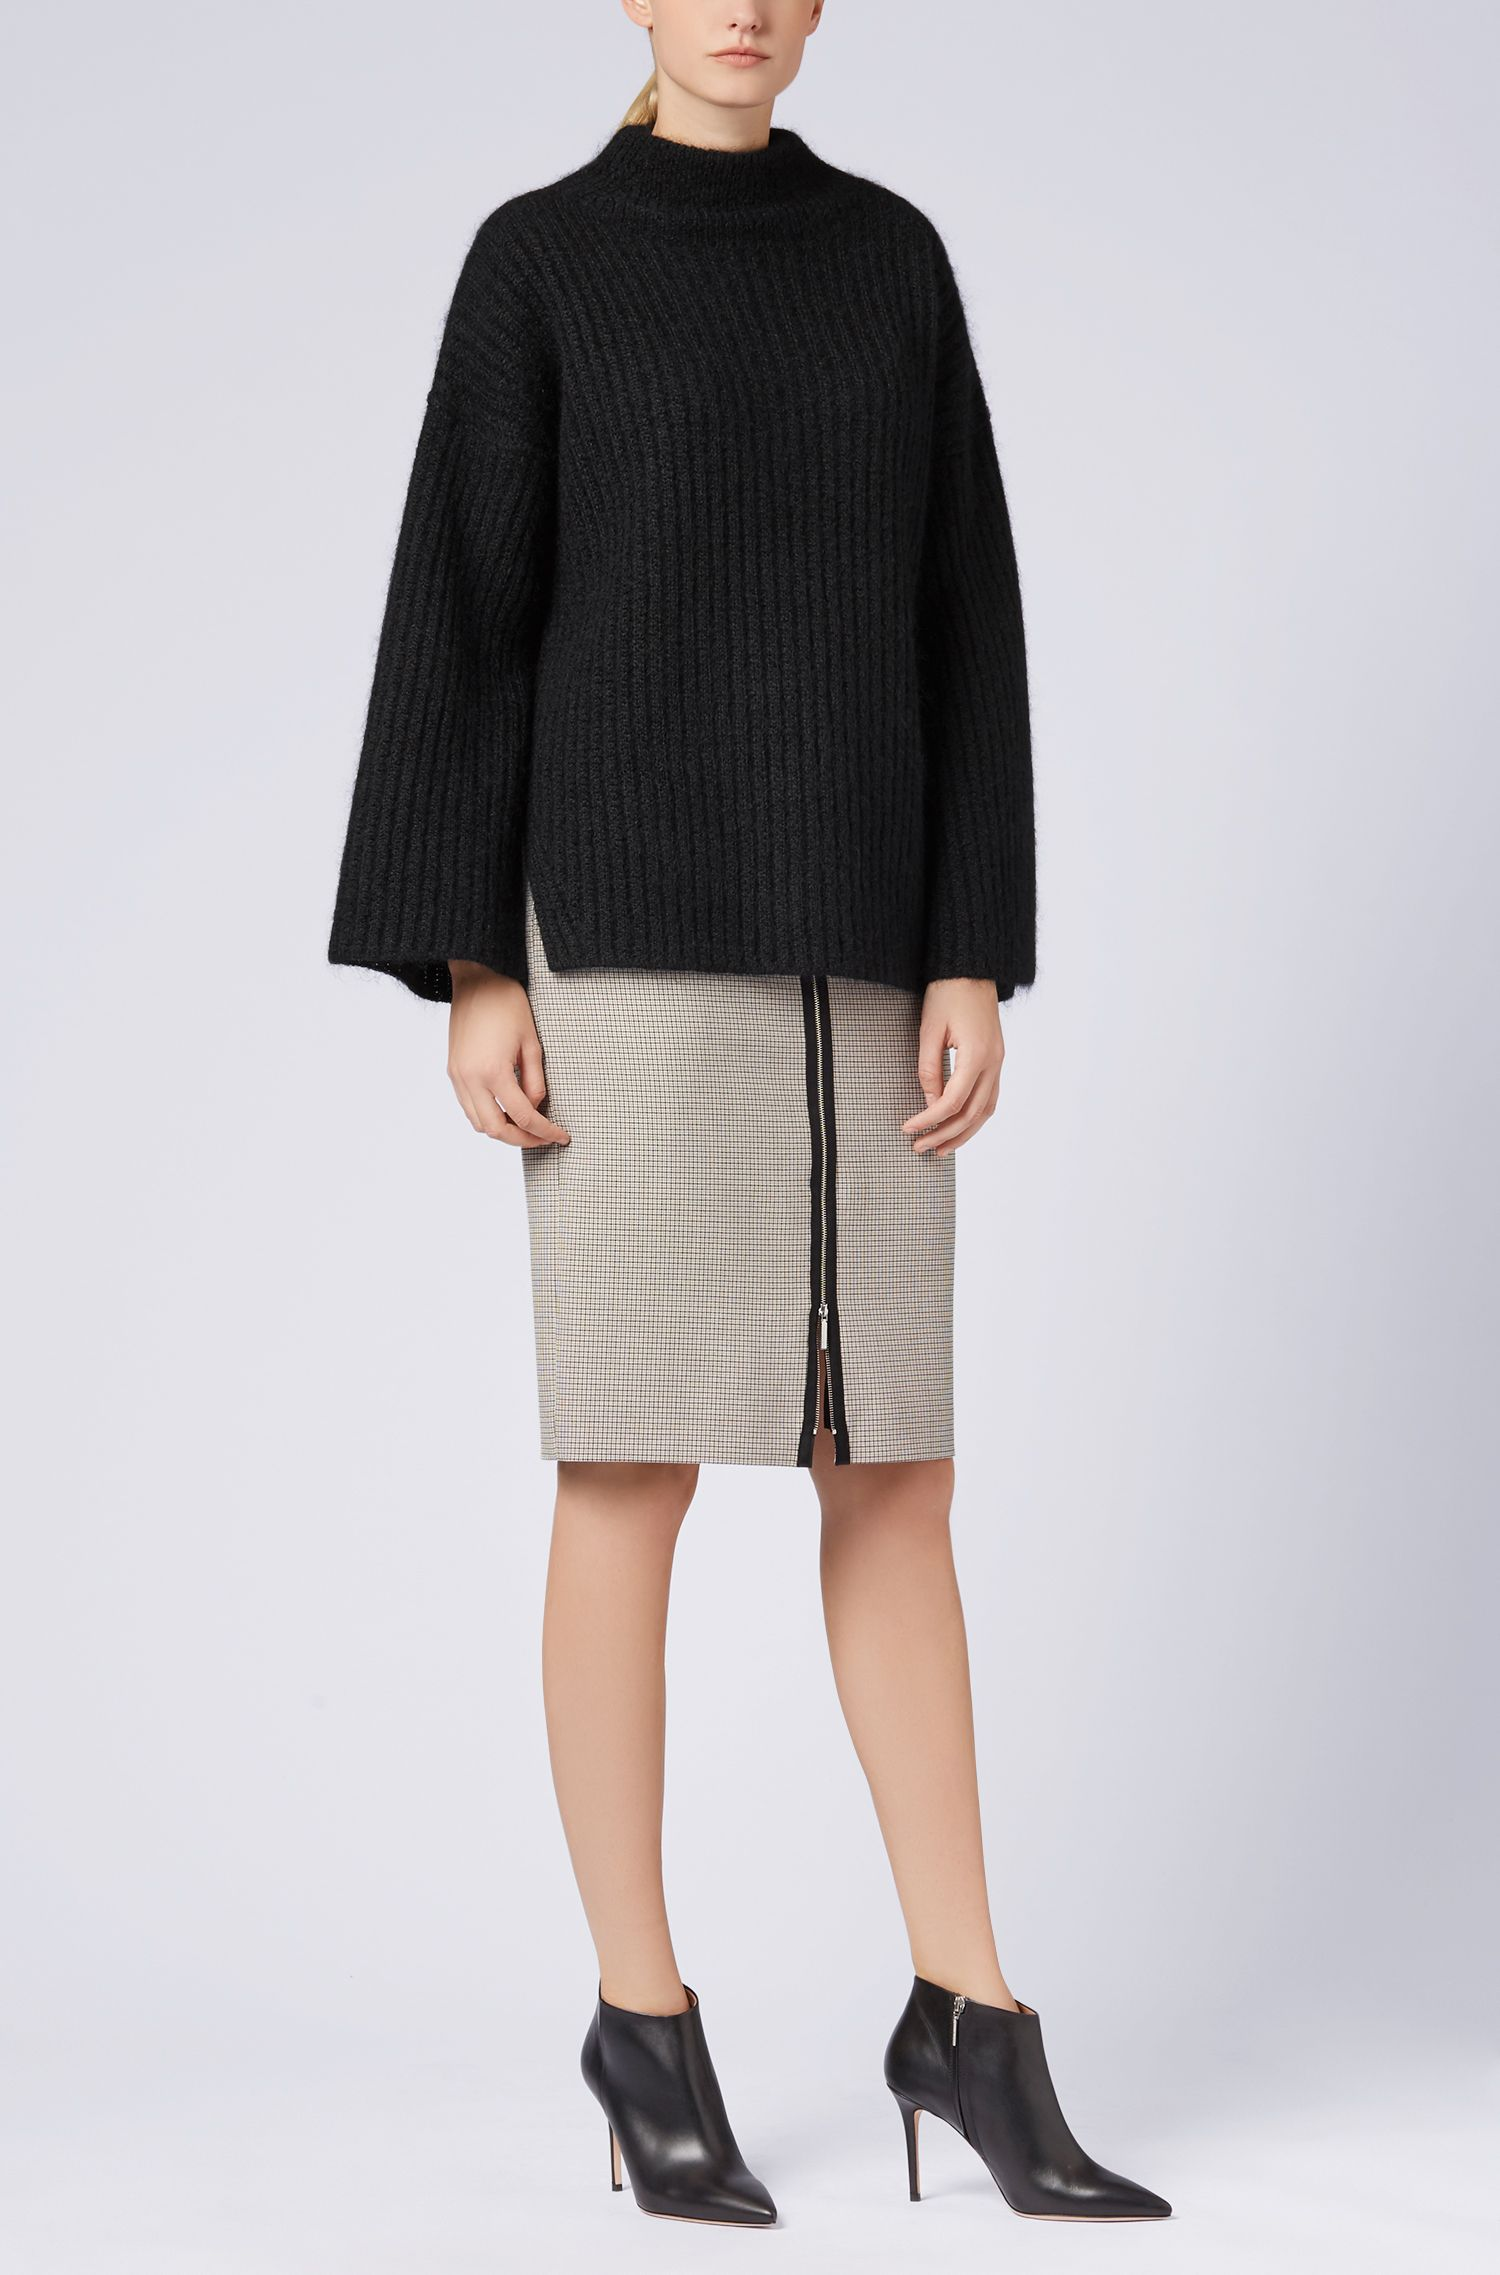 Maglione a collo alto in misto lana realizzato in Italia